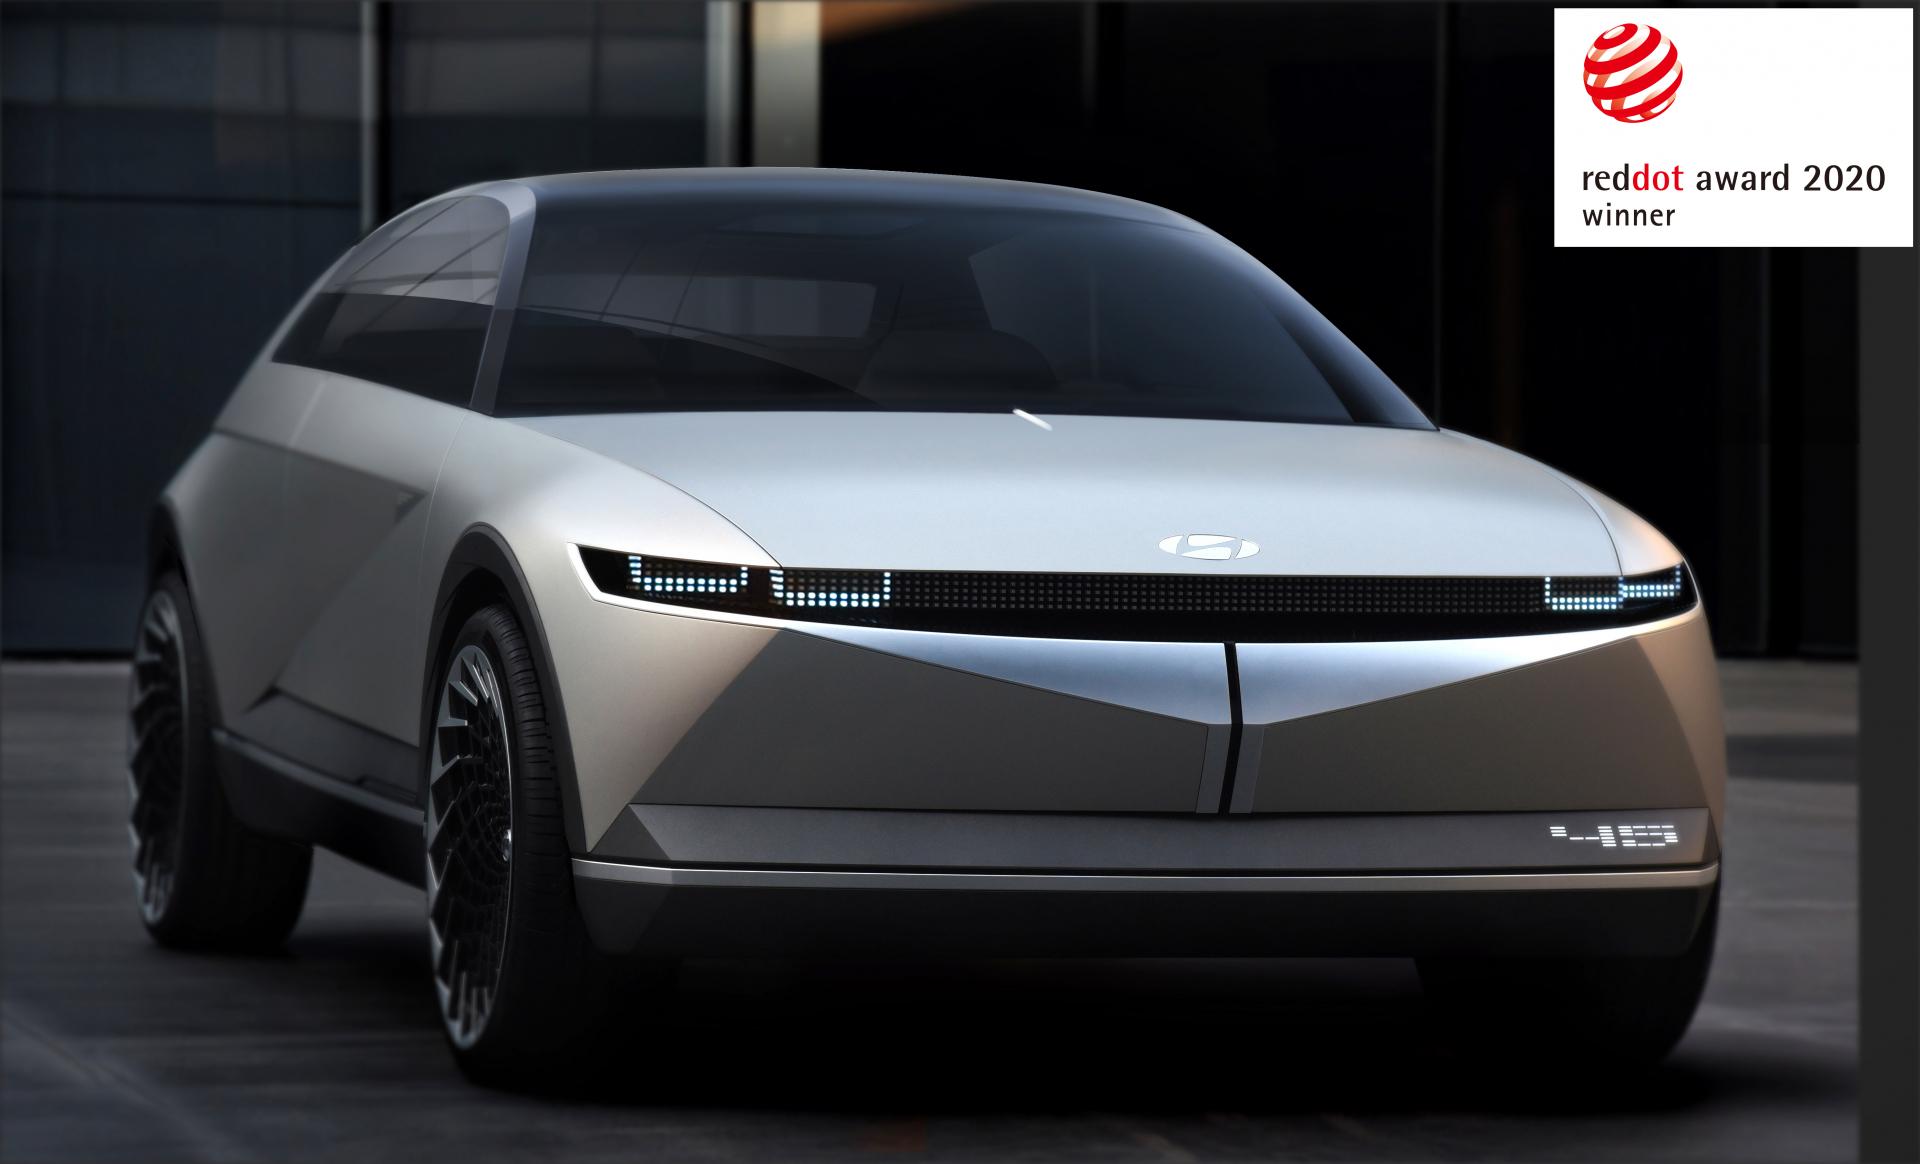 Компанія Hyundai Motor отримала три нагороди Red Dot Award 2020 за концептуальний дизайн   Автотрейдінг-Одесса ДП - фото 9